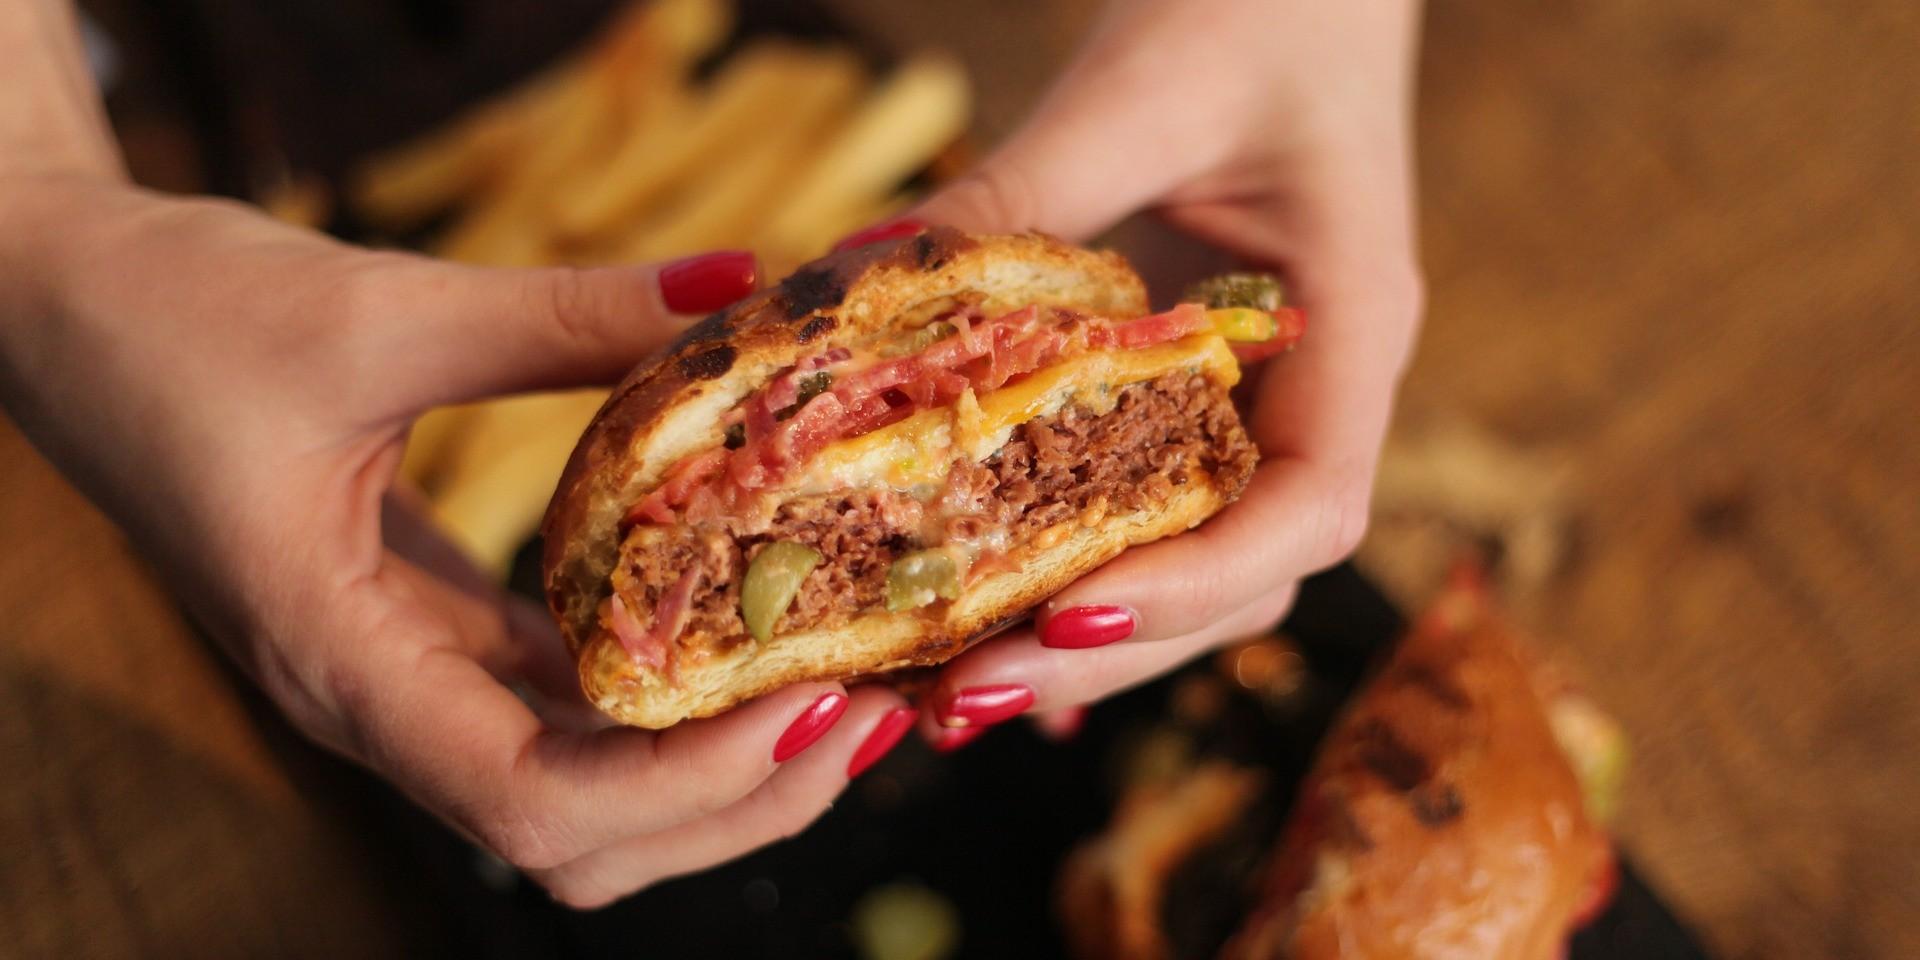 Ako brzo jedete, veća je vjerojatnost da ćete se prejesti